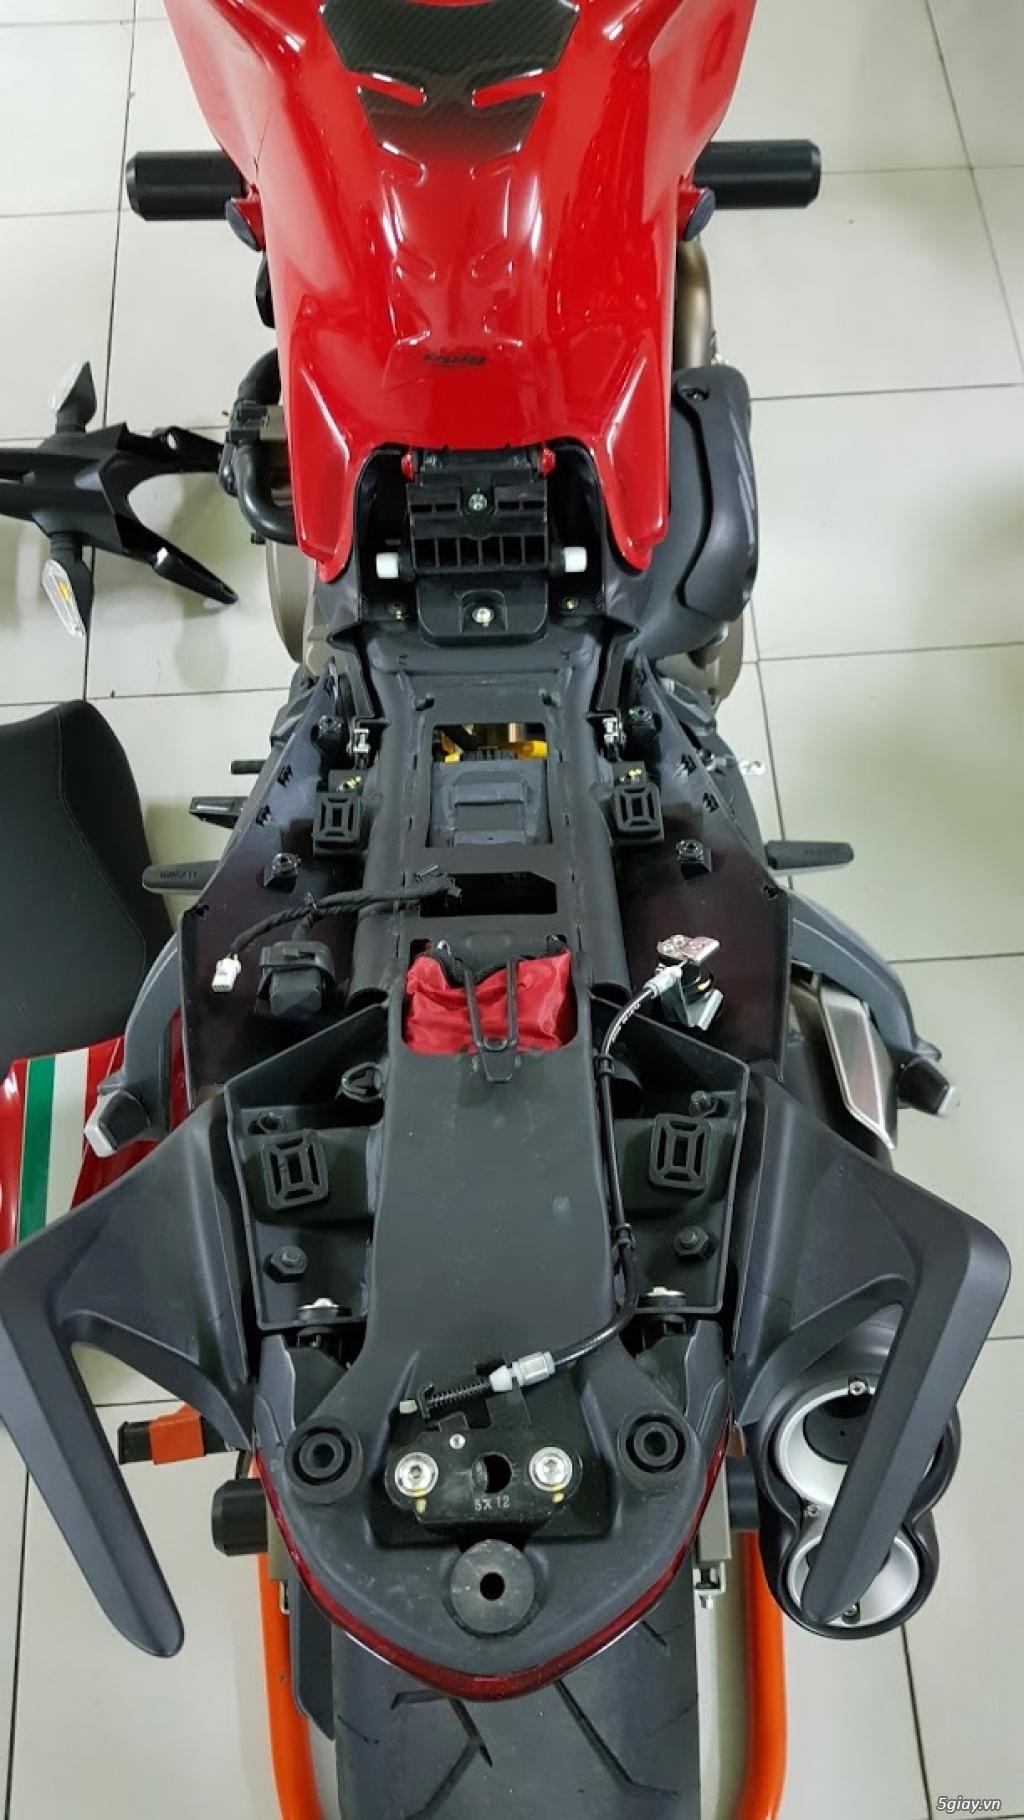 Ban Ducati Monster 821 ABS thang 52017 chinh hang Saigon so VIP - 14